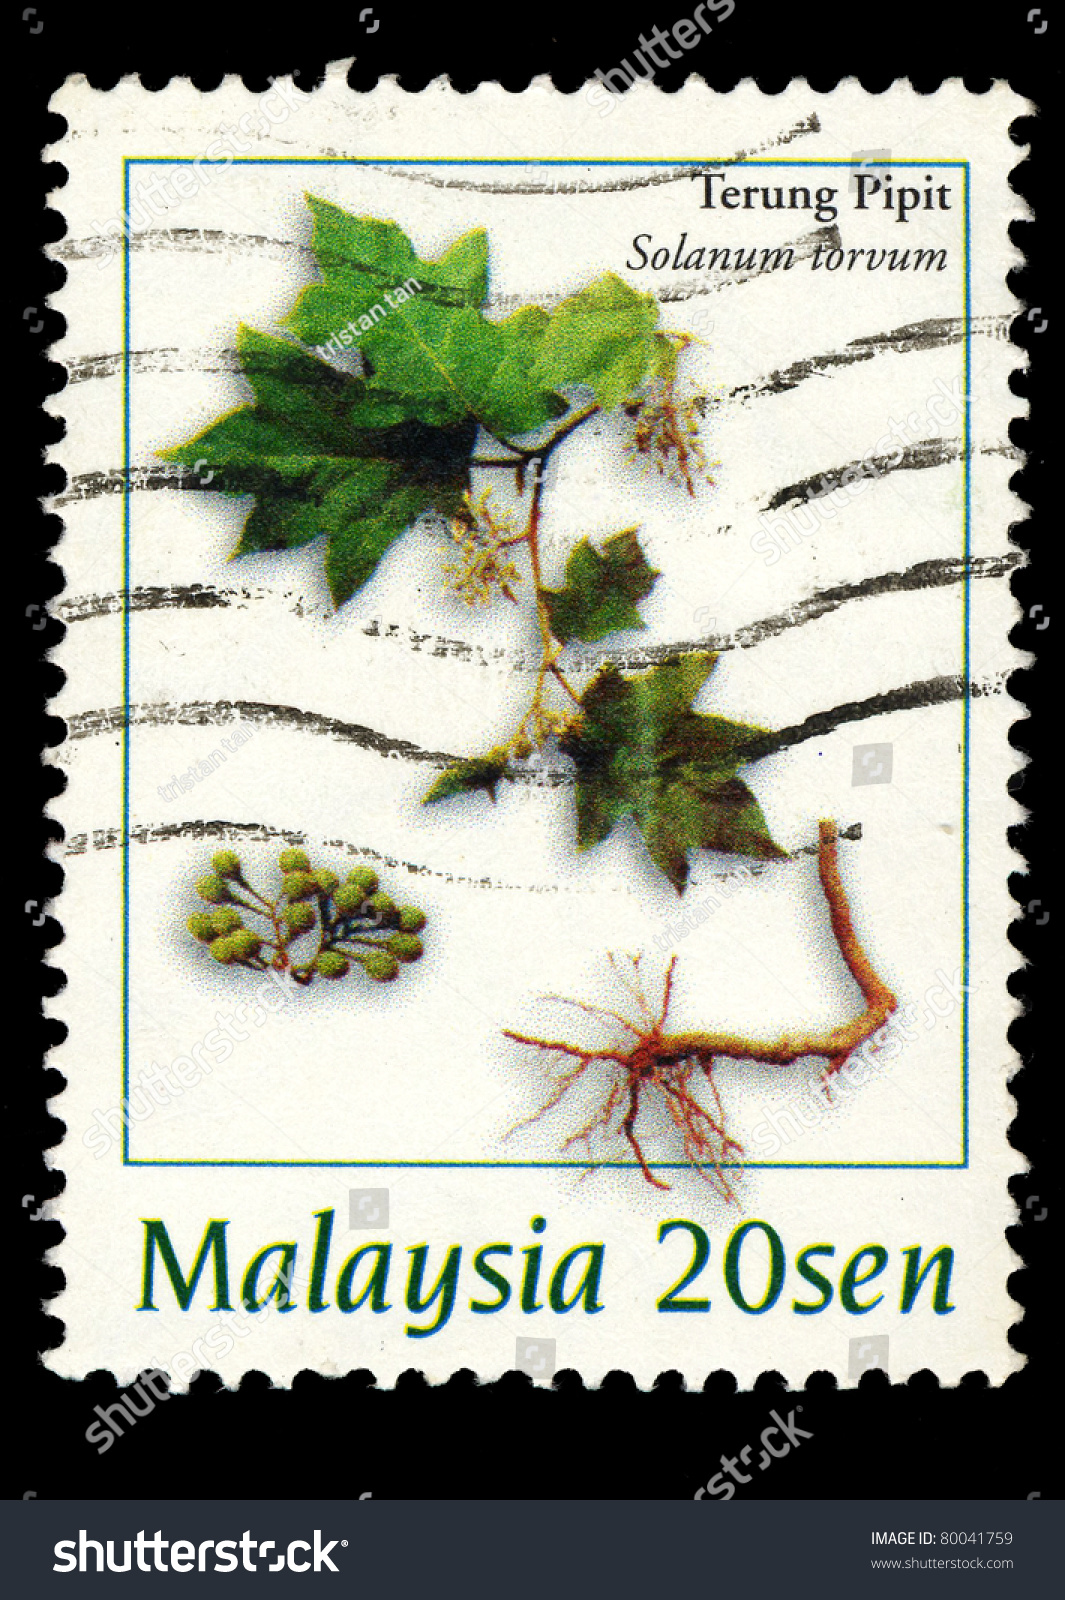 1998 in Malaysia